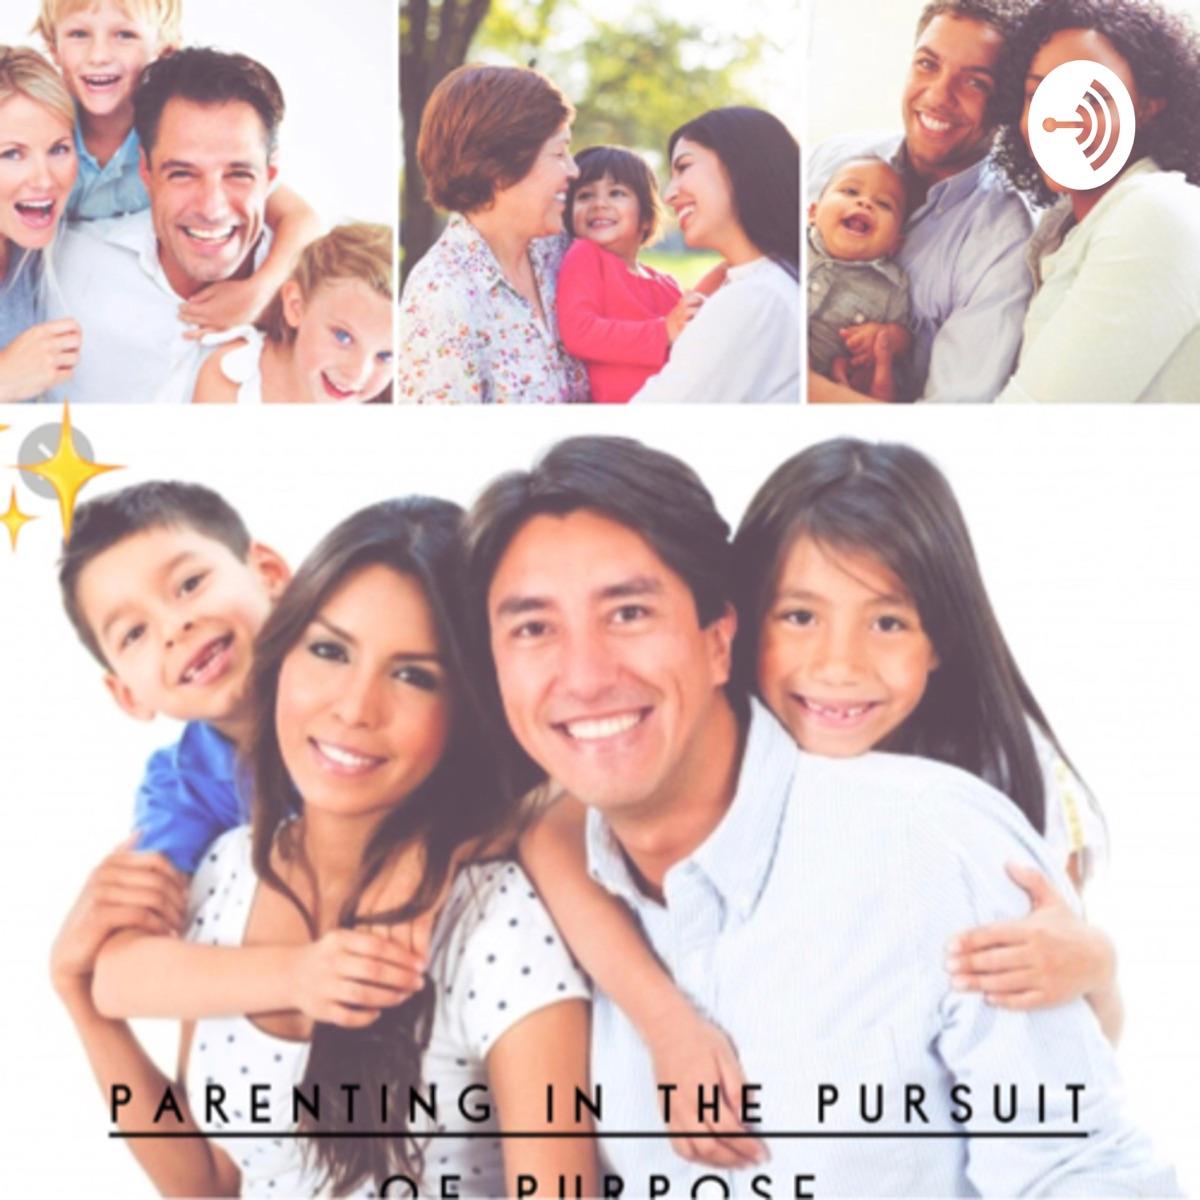 Parenting in the Pursuit Of Purpose